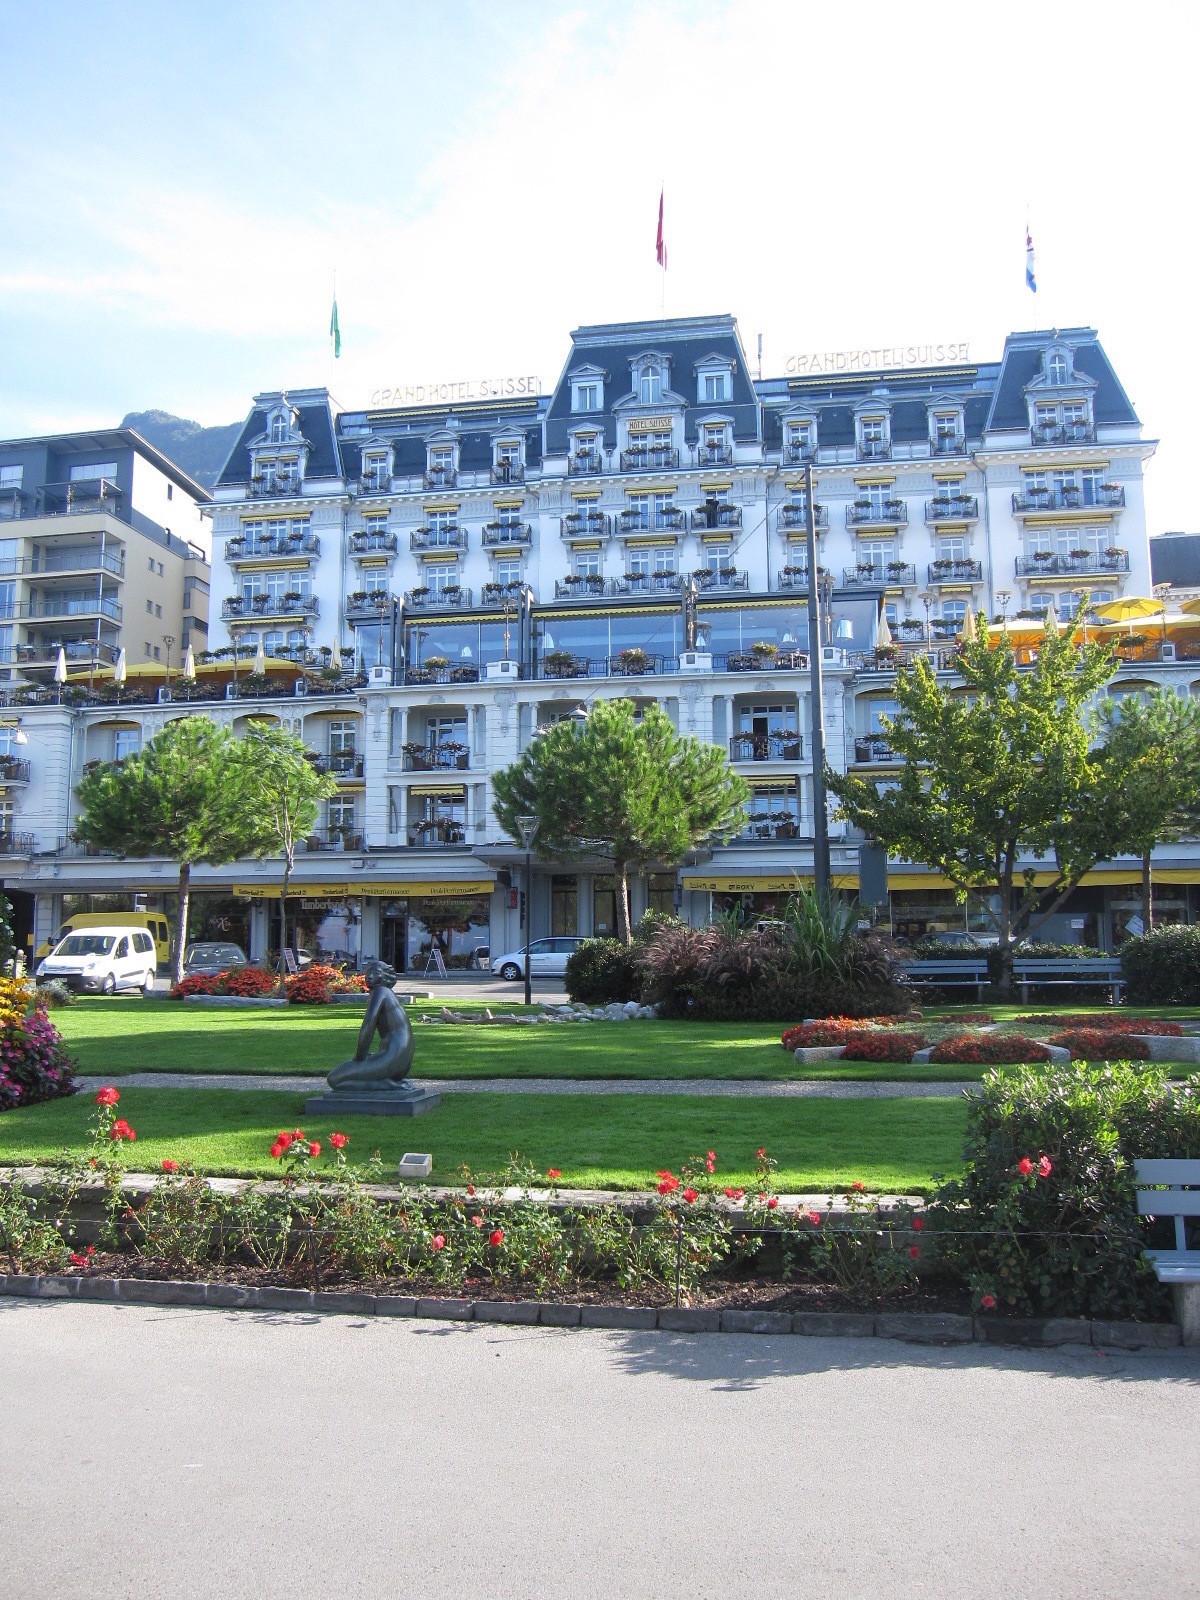 5つ星ホテル「フェアモント・ル・モントルー・パレス」